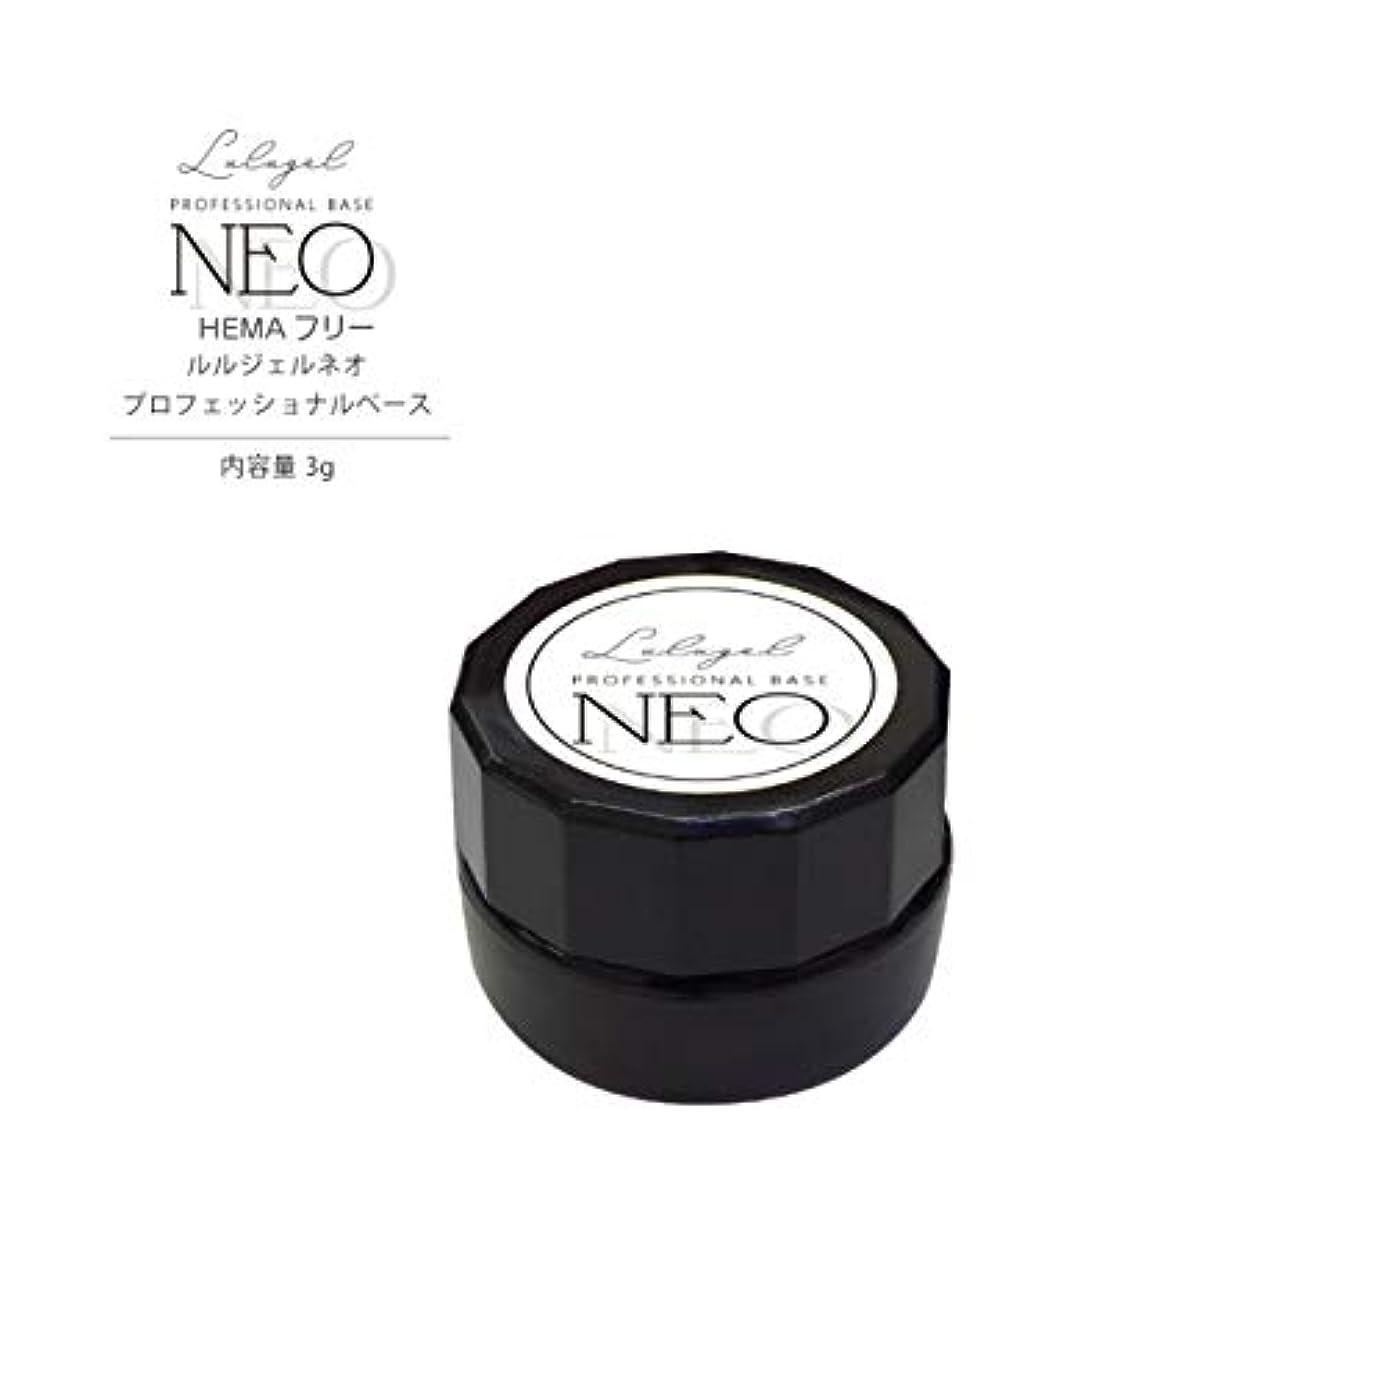 軍ギャザー憂鬱な最新 ジェルネイル LULUGEL NEO プロフェッショナル ベース 3g 爪用化粧料